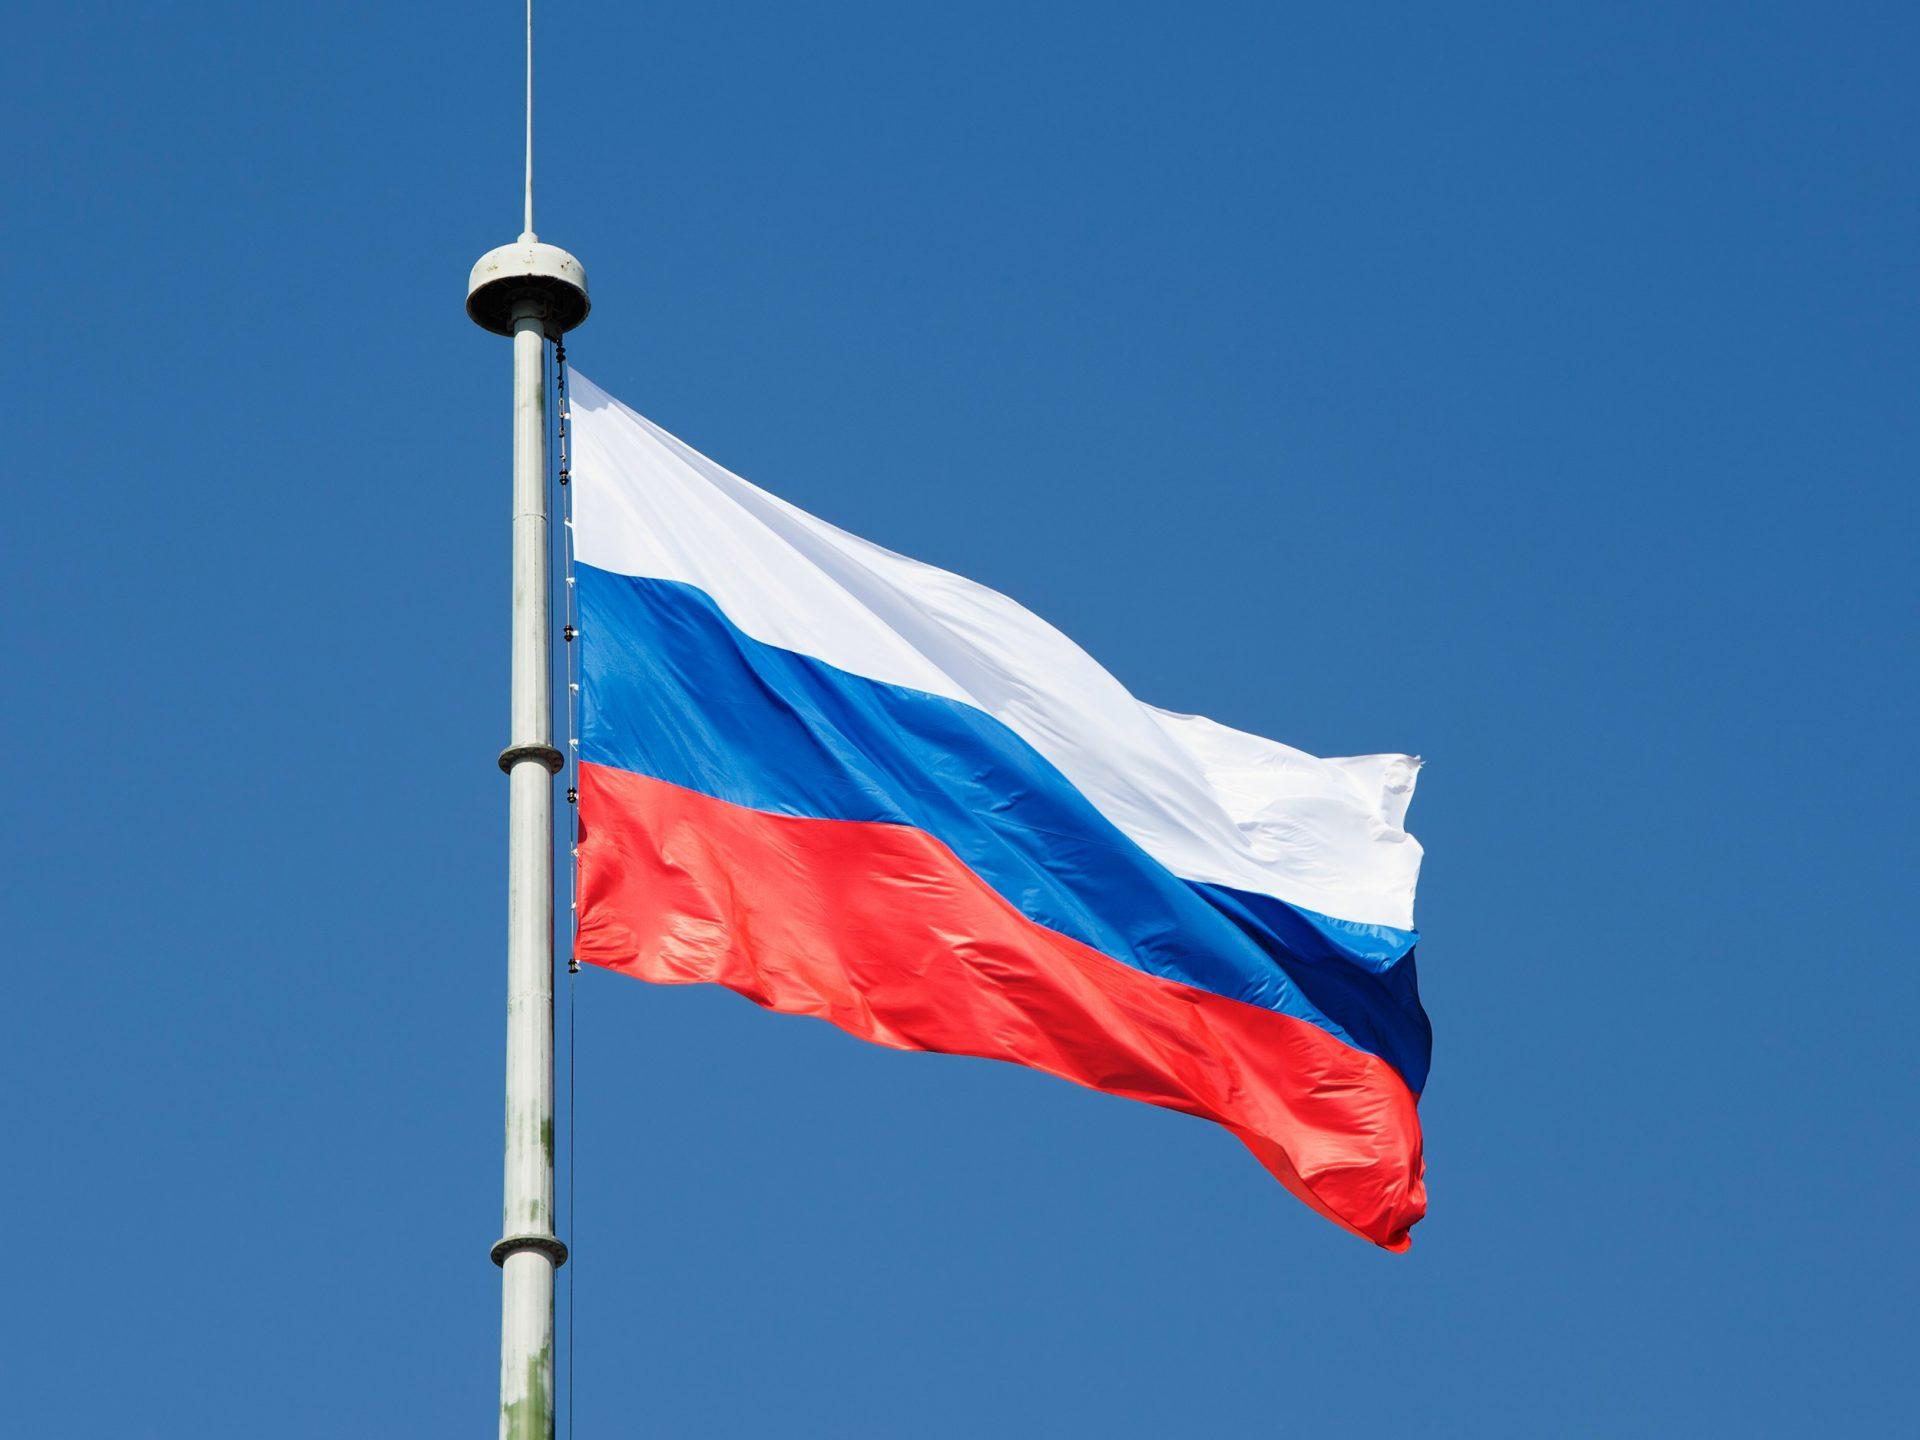 Un jurnalist rus de investigații, bătut de un necunoscut. Modul de operare al atacatorului, similar cu alte agresiuni asupra disidenților